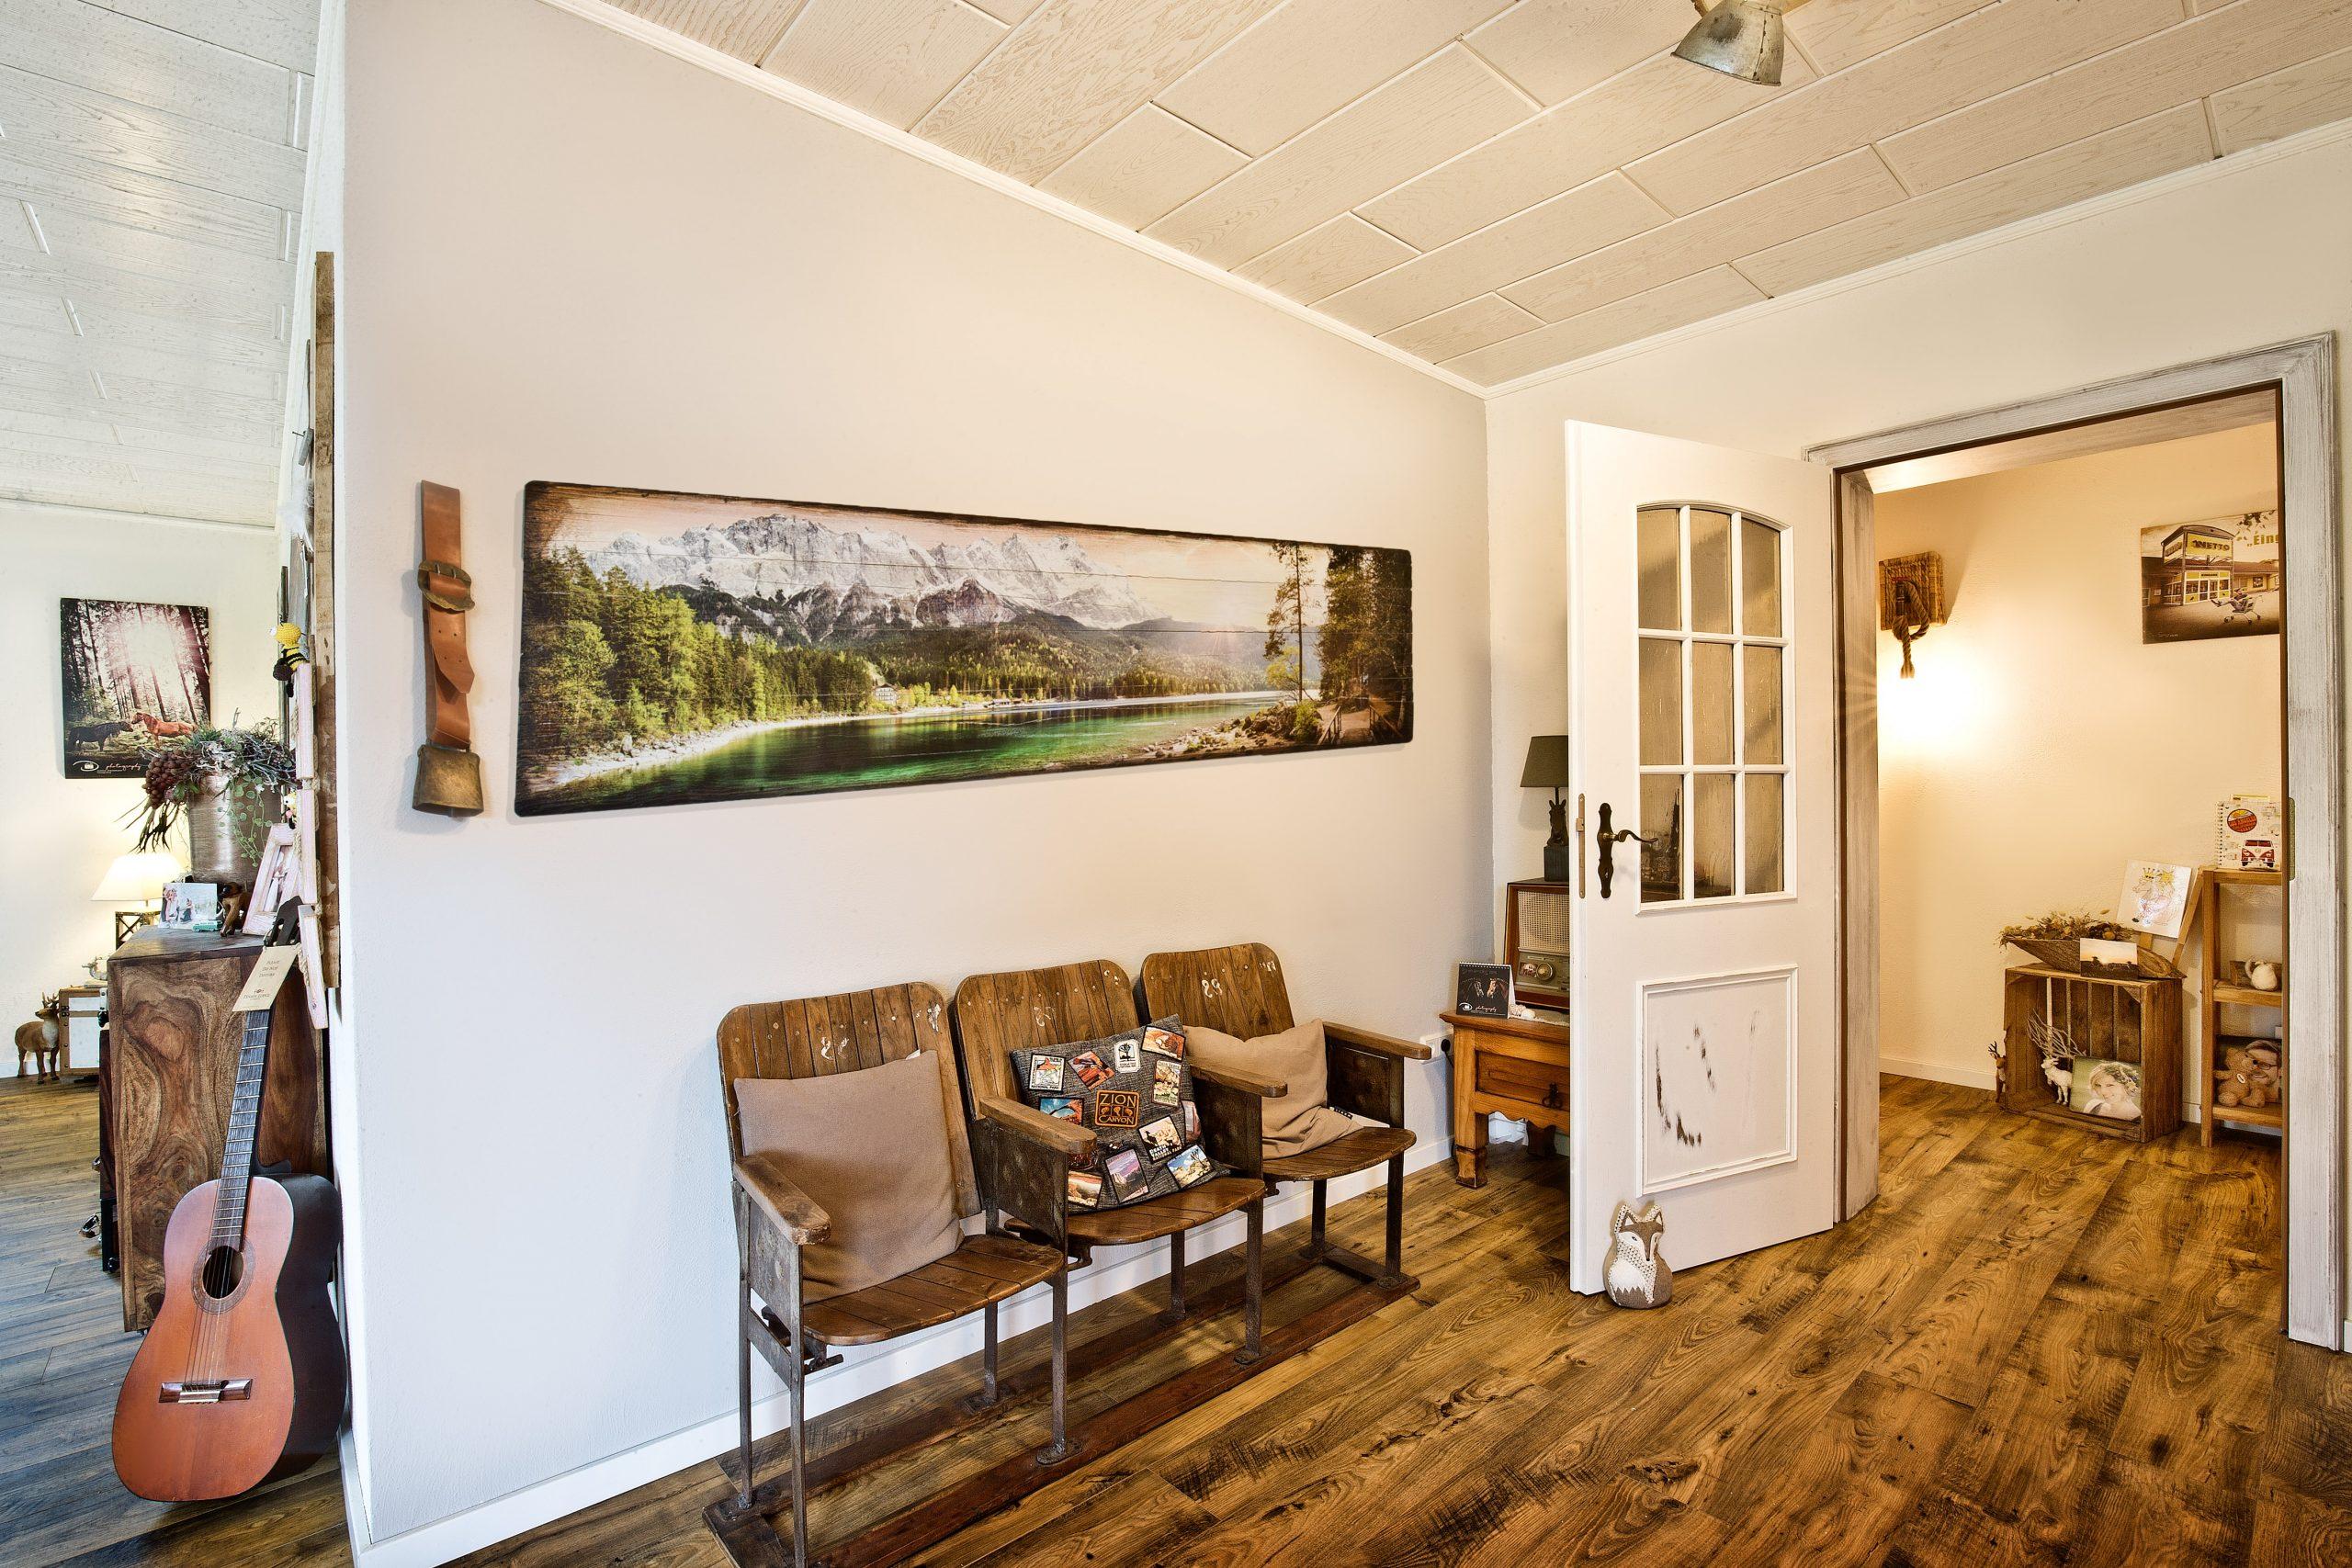 Interieur mit Druck auf altem Holz